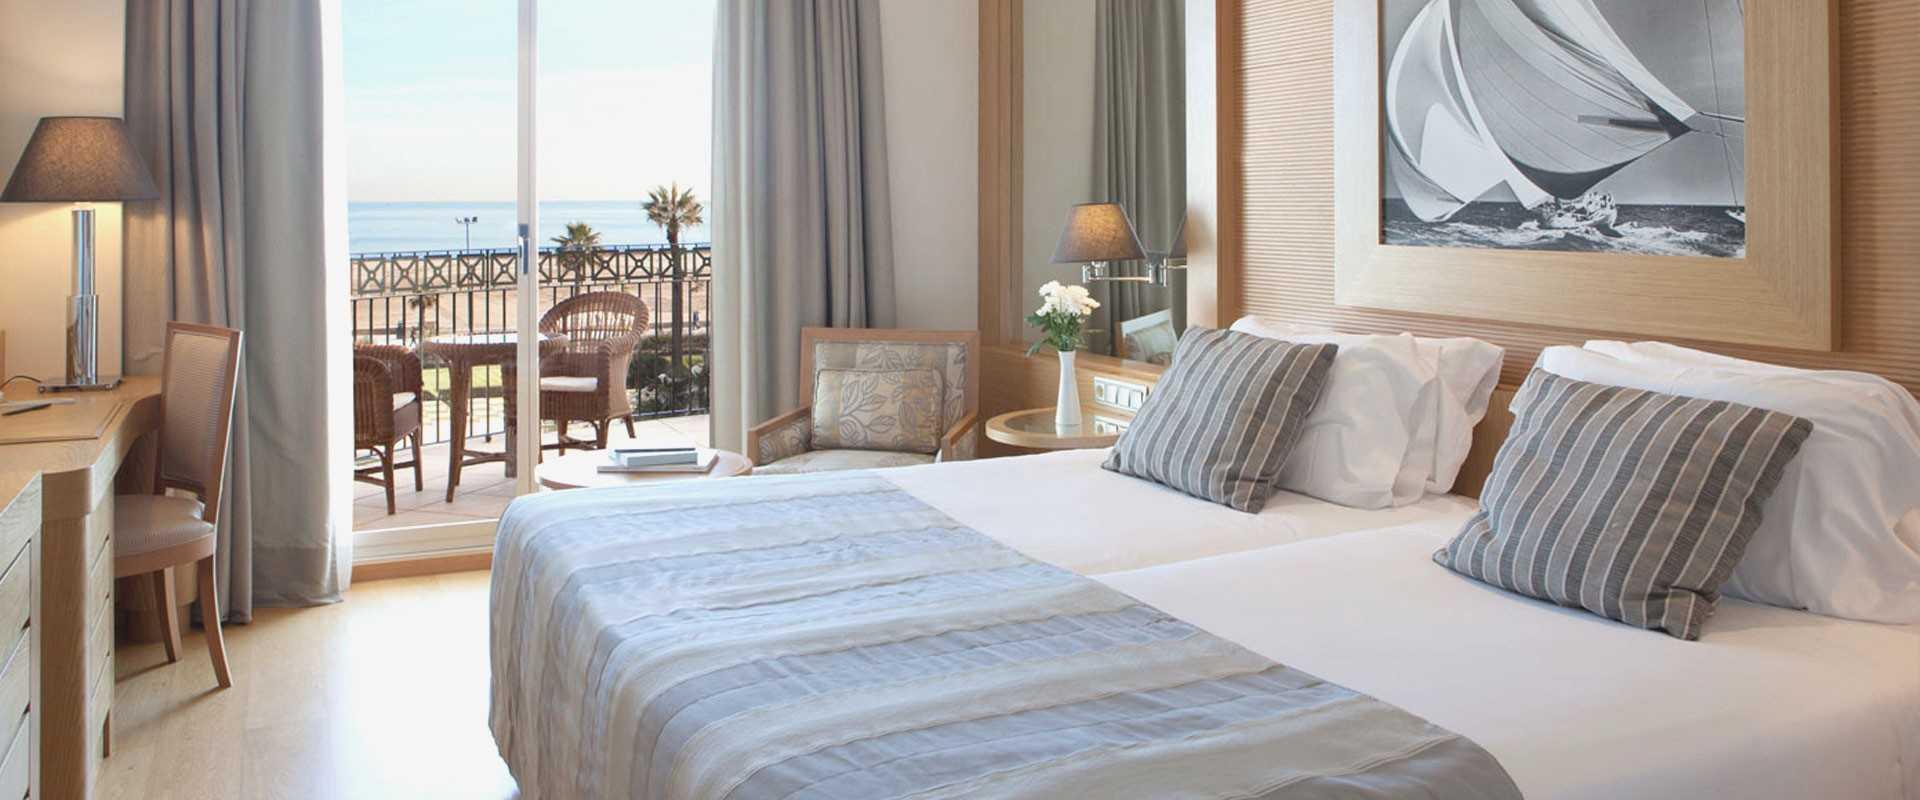 Hotel Balneario Las Arenas Hotel Valencia Hoteles Santos 1